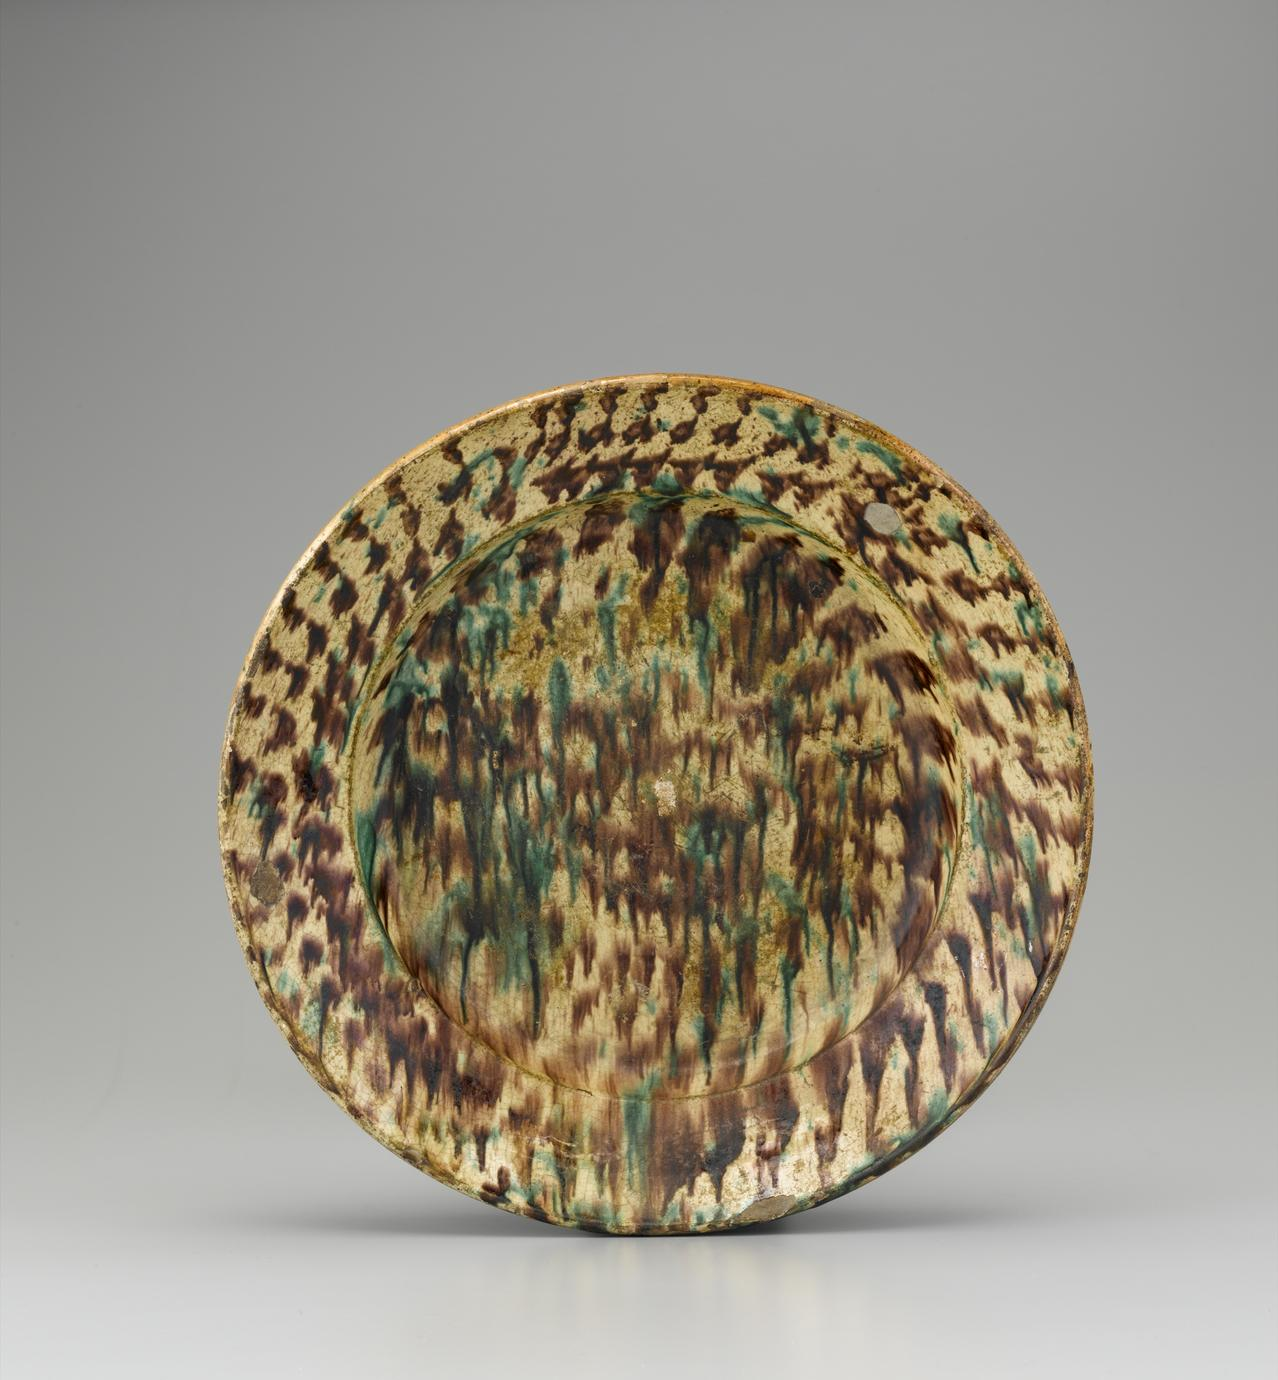 Dish (1 of 3)